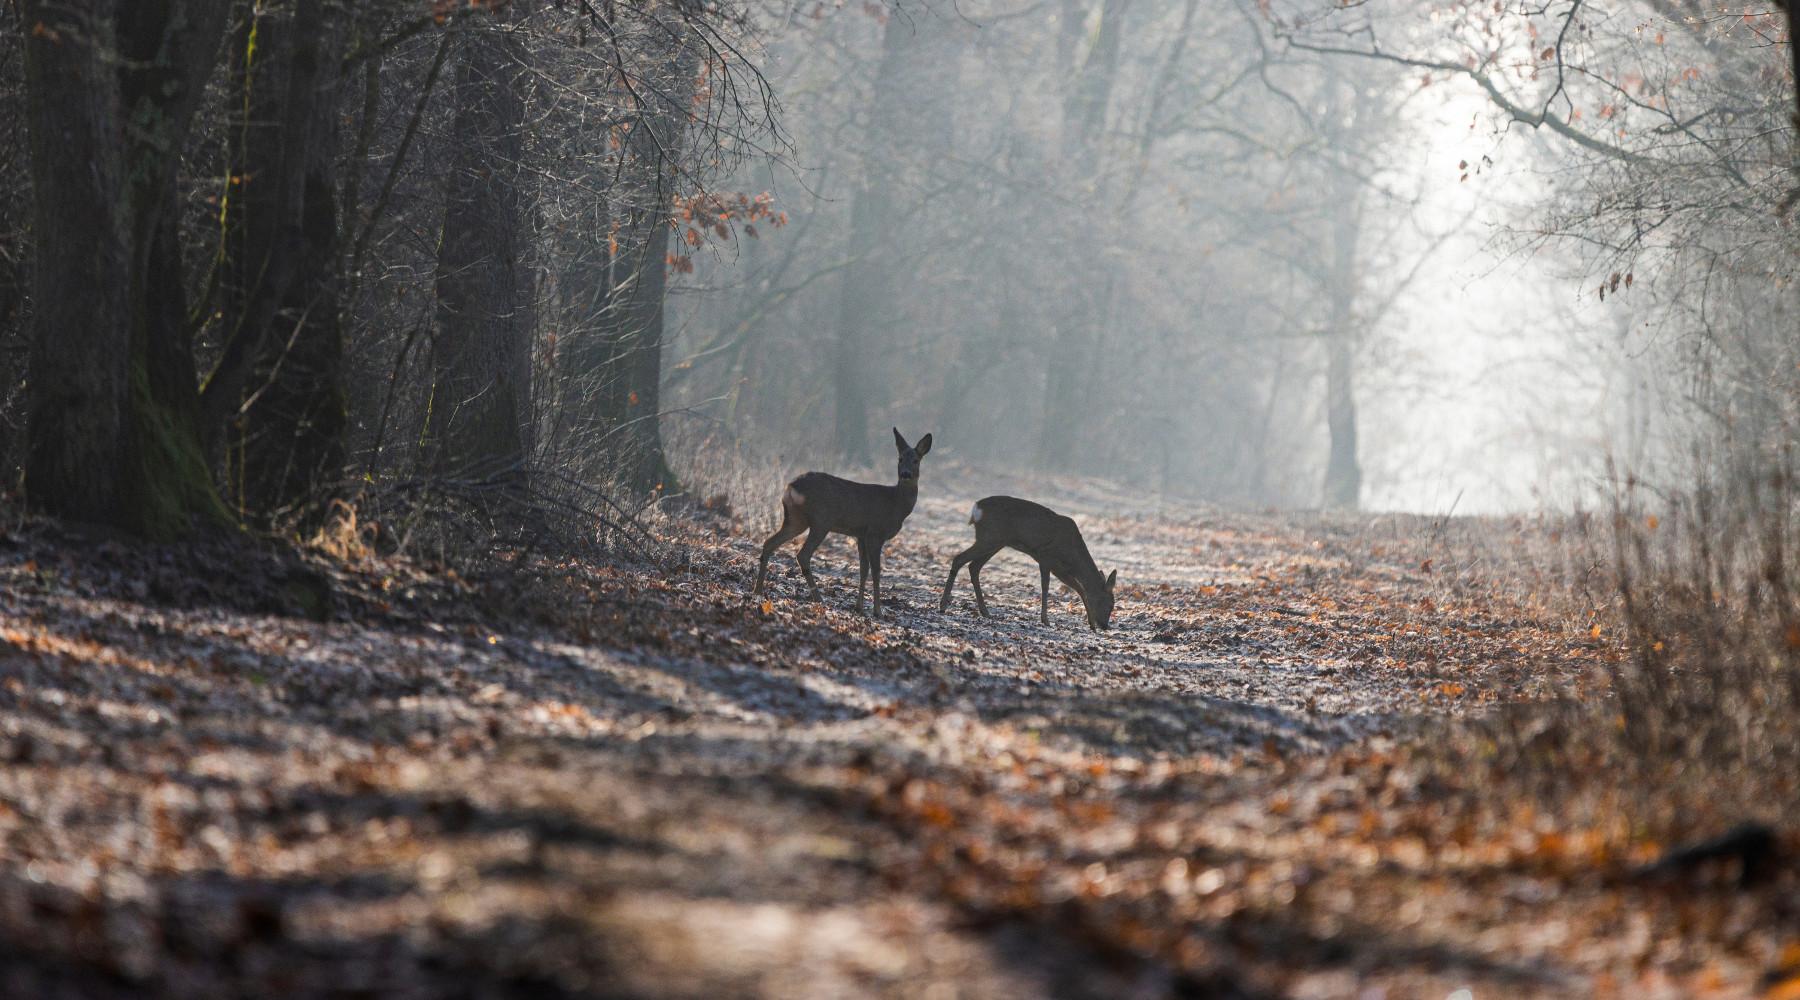 caccia di selezione in Emilia Romagna: caprioli nel bosco